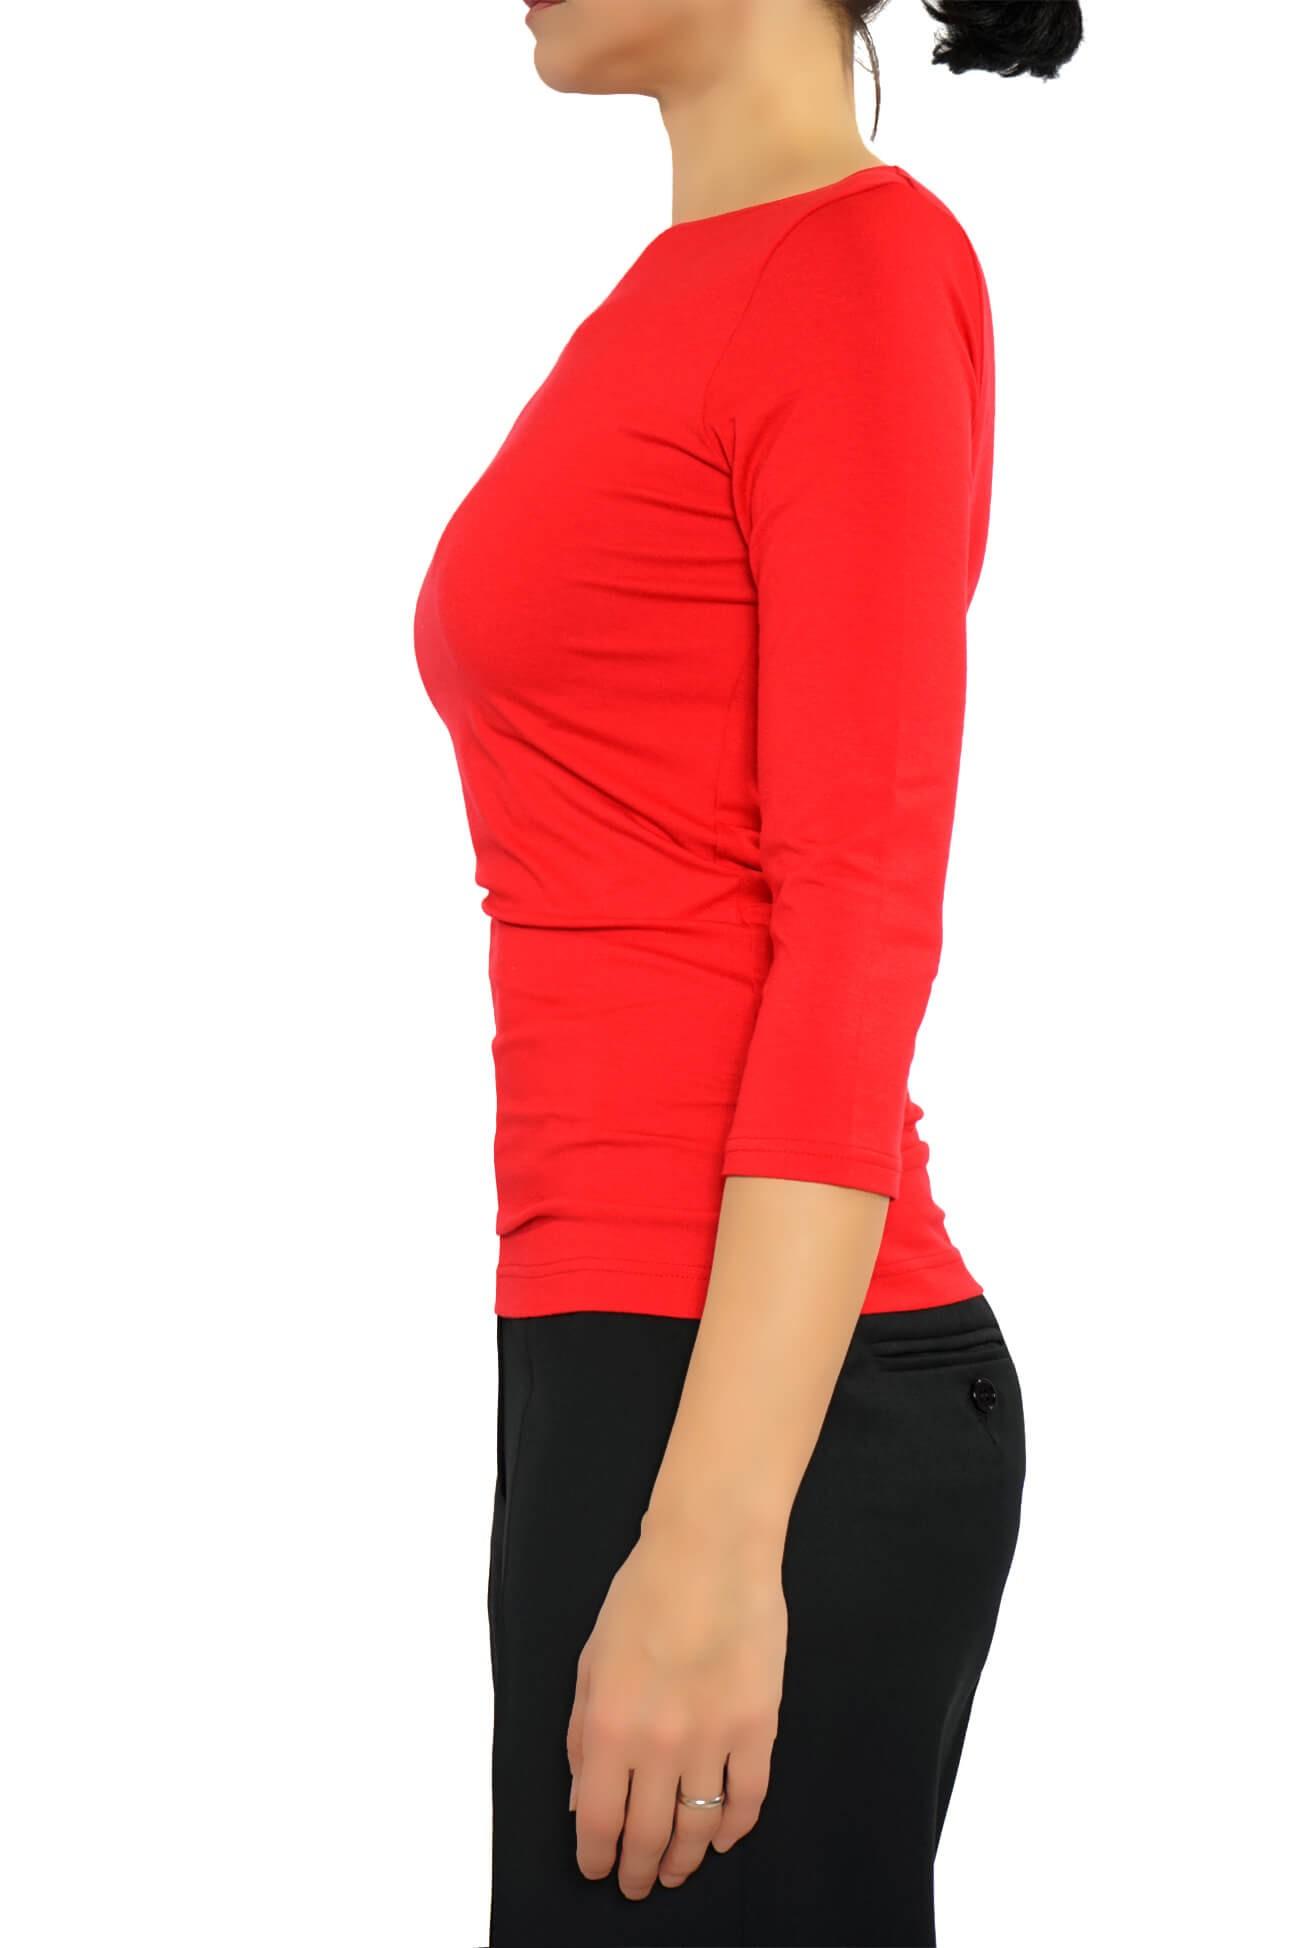 bluza cu decolteu barcuta, maneca 3/4, din vascoza rosie